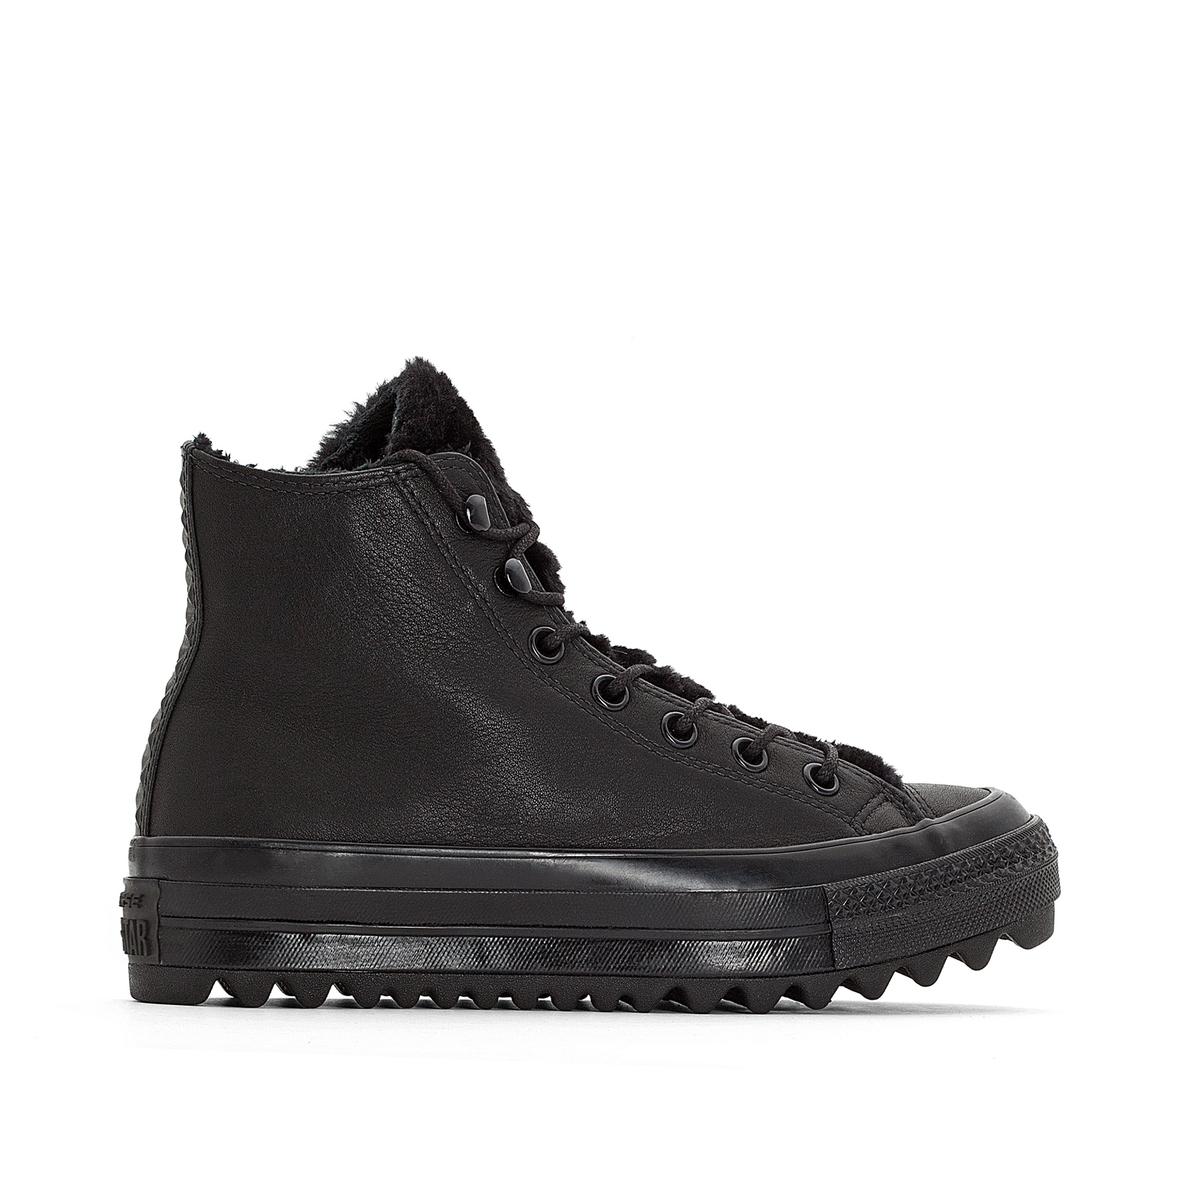 Zapatillas Chuck Taylor All Star Lift Ripple